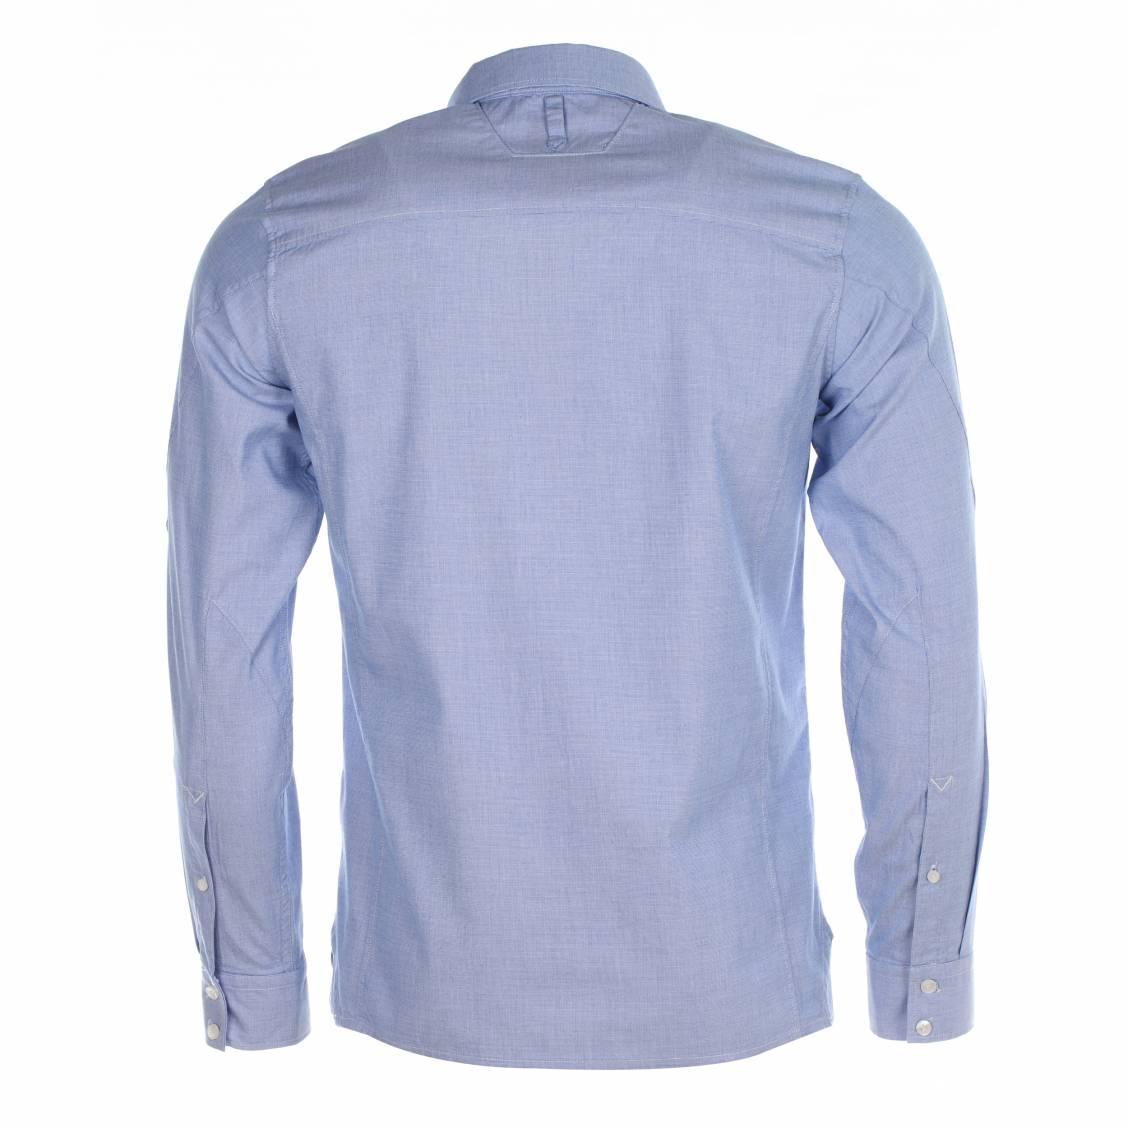 chemise homme g star en coton oxford bleu rue des hommes. Black Bedroom Furniture Sets. Home Design Ideas